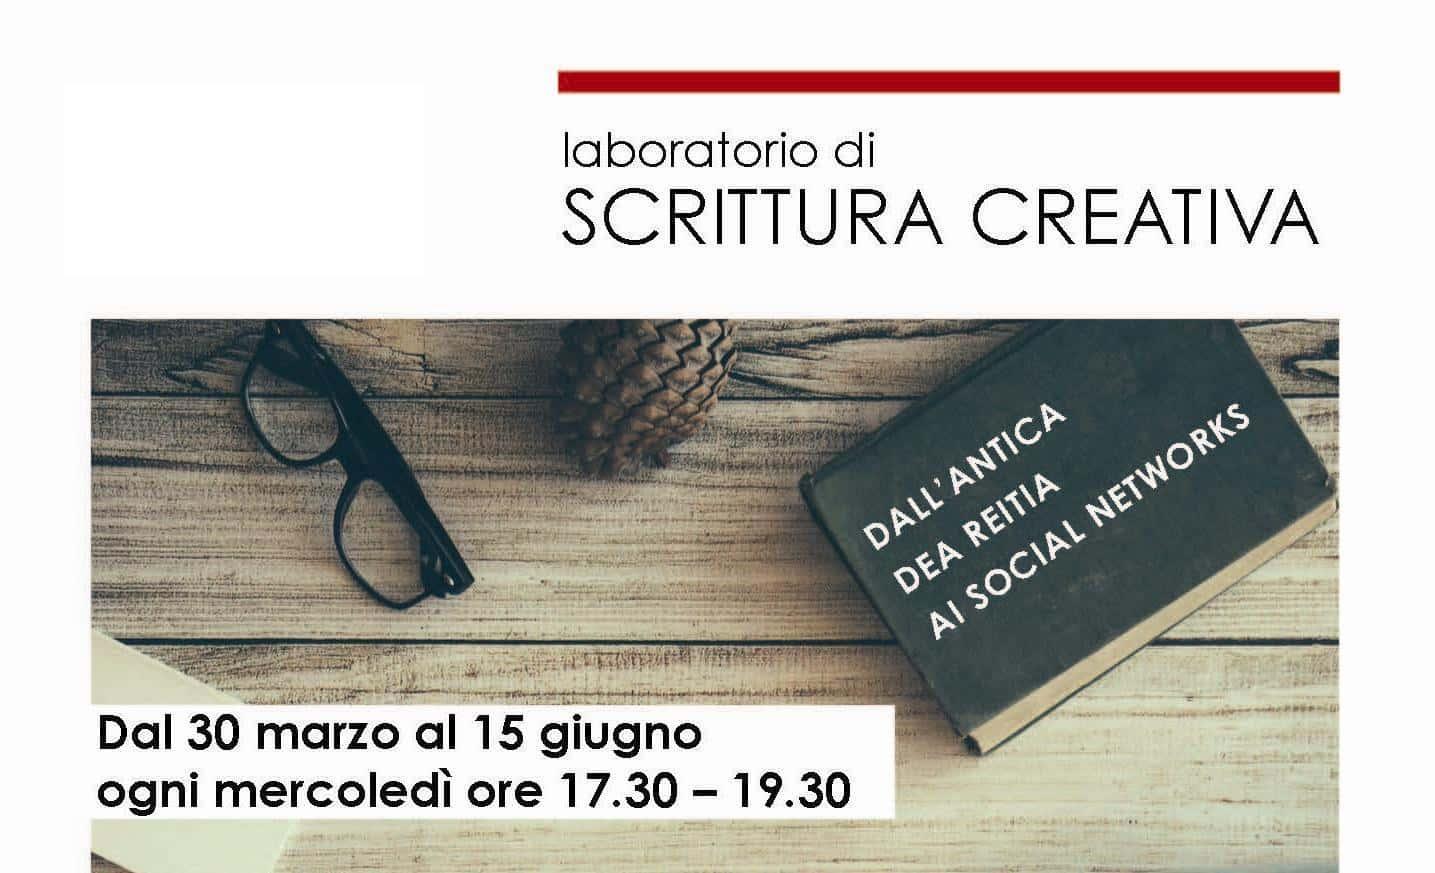 LABORATORIO DI SCRITTURA CREATIVA: DALL'ANTICA DEA REITIA AI SOCIAL NETWORKS